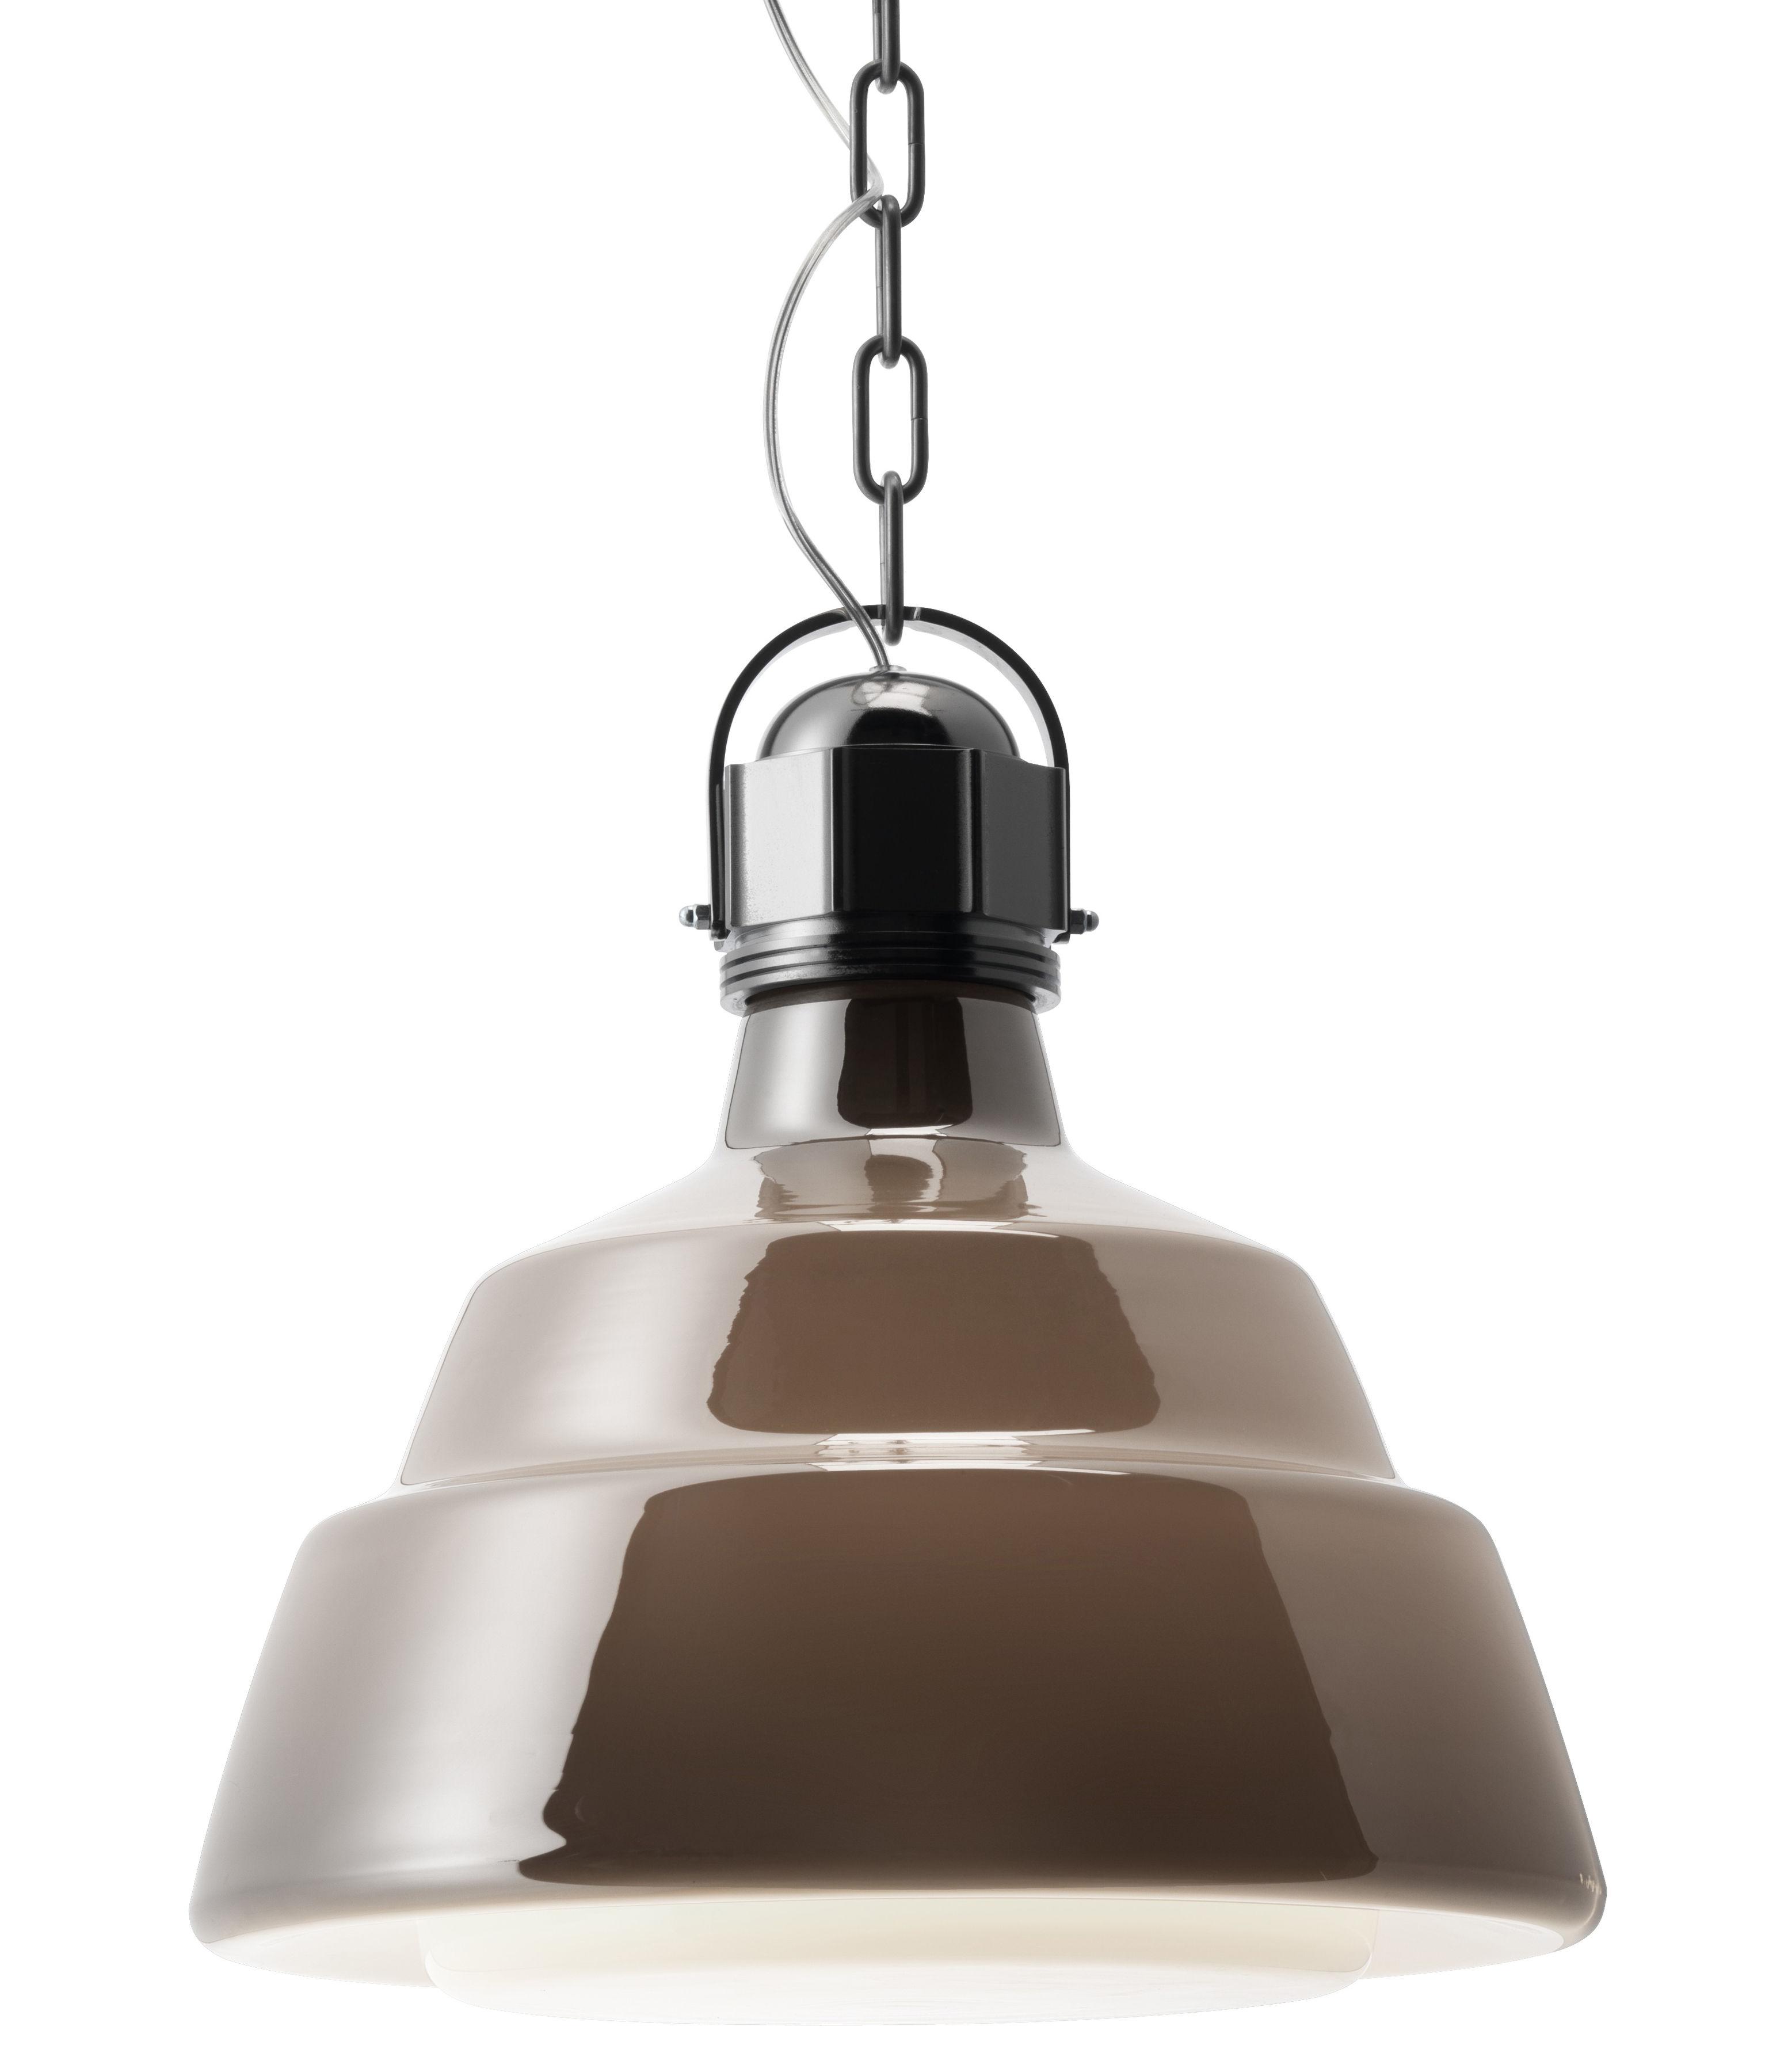 Illuminazione - Lampadari - Sospensione Glas - Ø 41 cm di Diesel with Foscarini - Ø 41 cm - Cromato/marrone - Metallo cromato, vetro soffiato